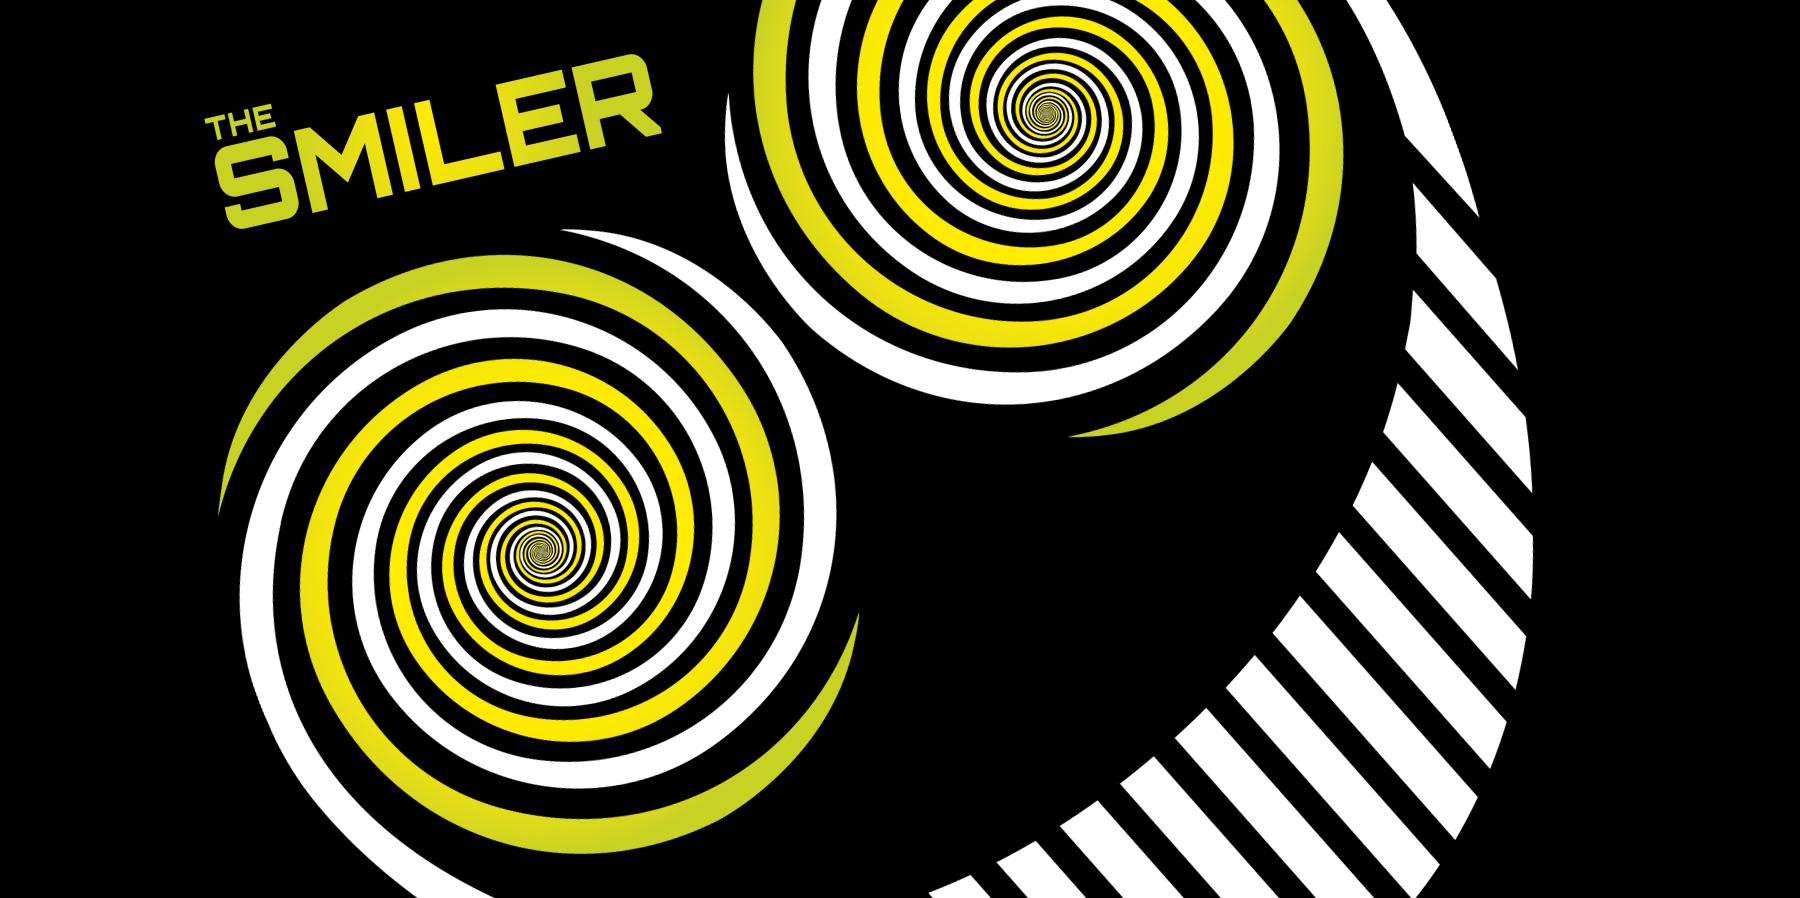 The_Smiler_Carousel.jpg